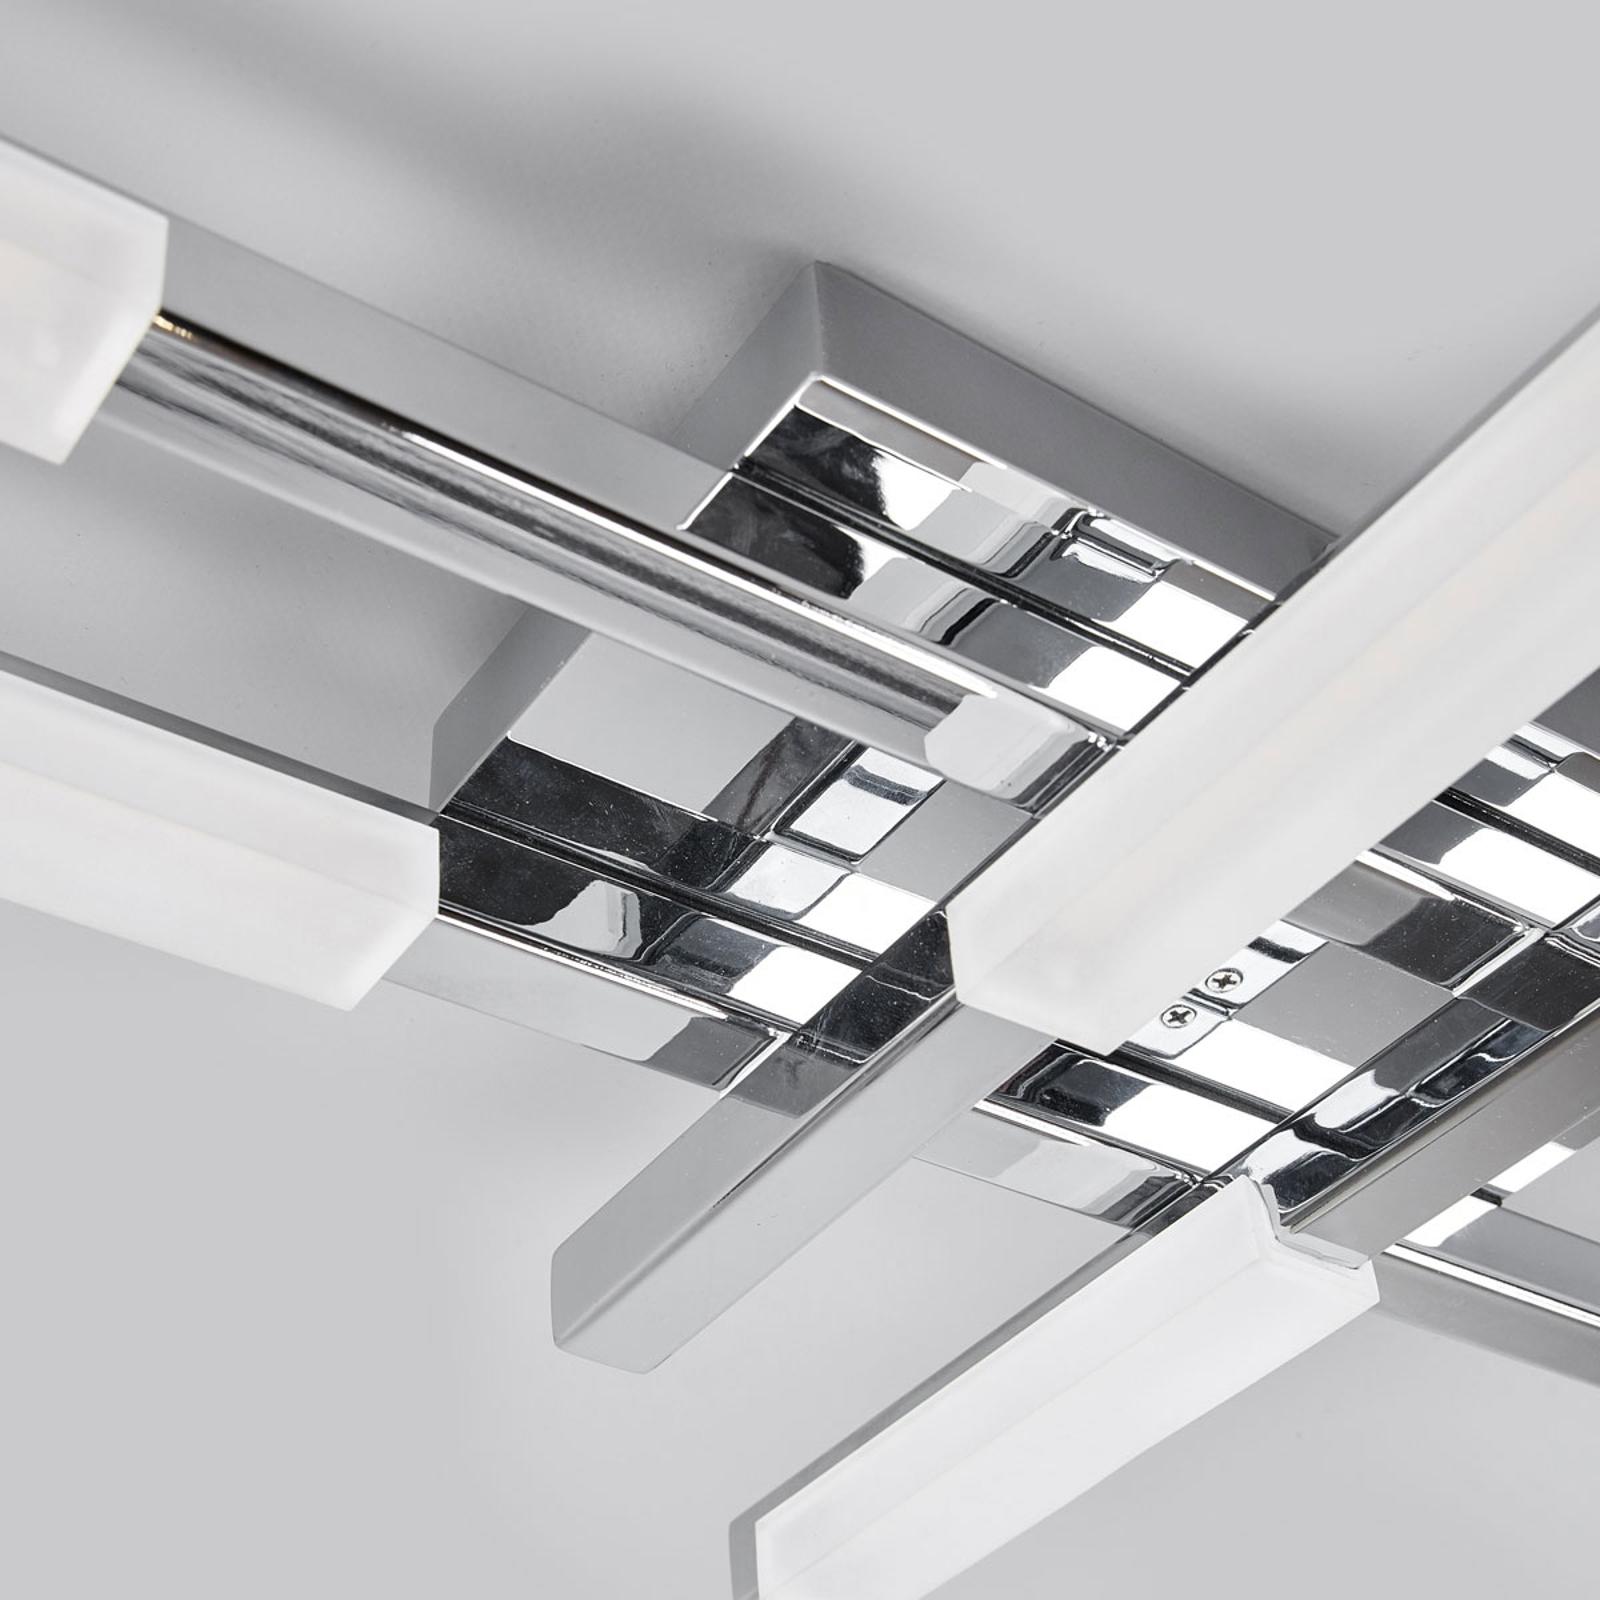 Lampe spritzwassergesch/ützt 6 flammig, A+, inkl. Leuchtmittel - Bad Deckenleuchte Modern Lampenwelt LED Deckenlampe Patrik Badezimmerleuchte in Chrom aus Metall u.a f/ür Badezimmer